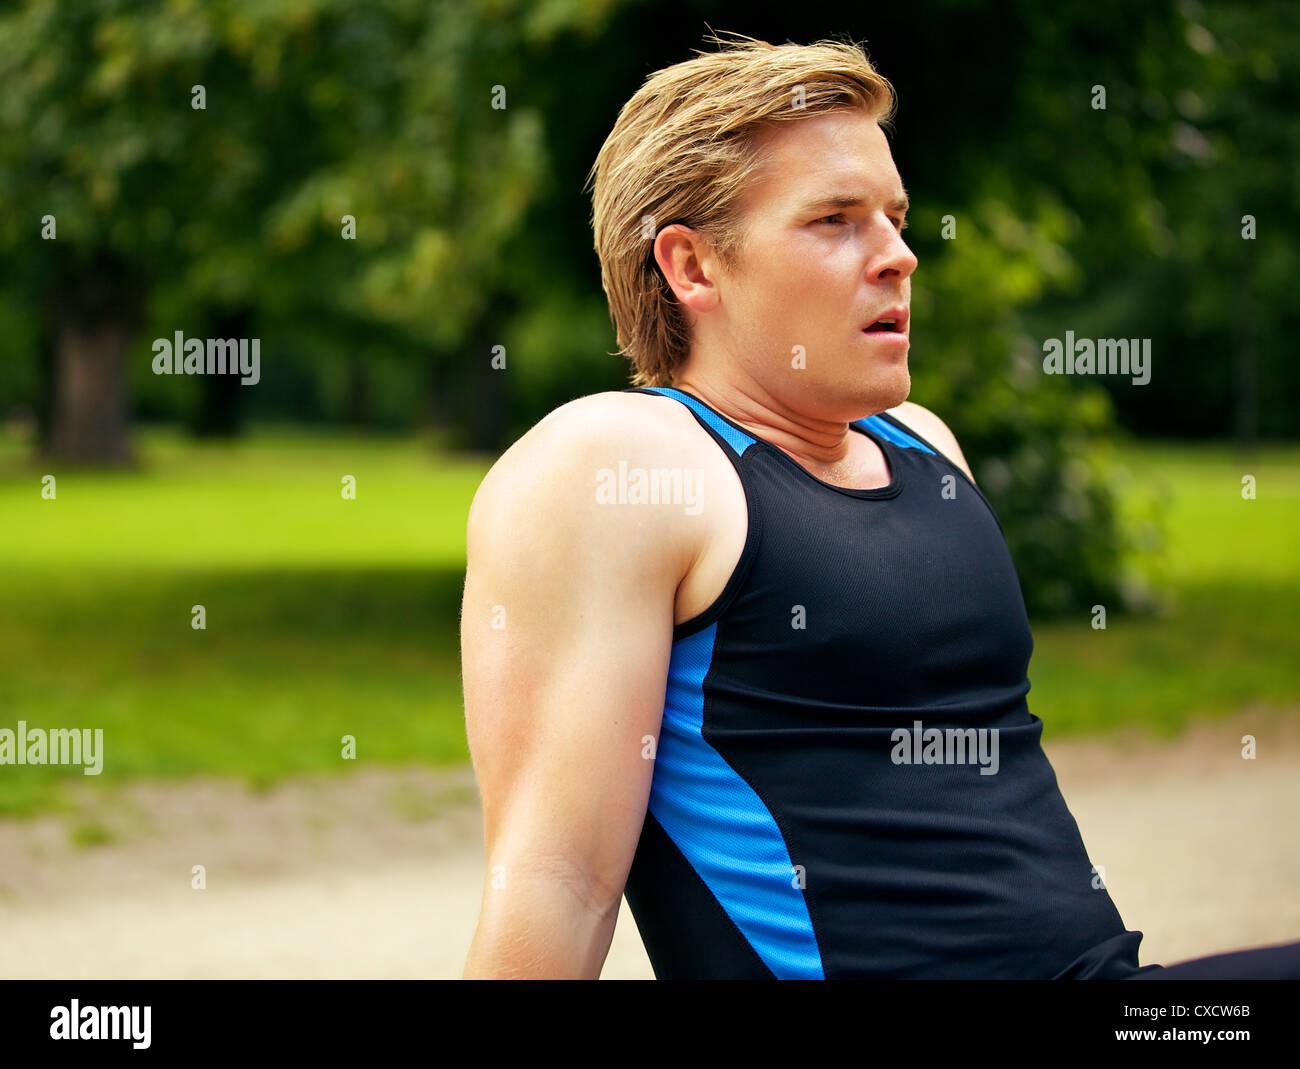 L'homme athlétique se reposant après une longue séance d'entraînement Photo Stock